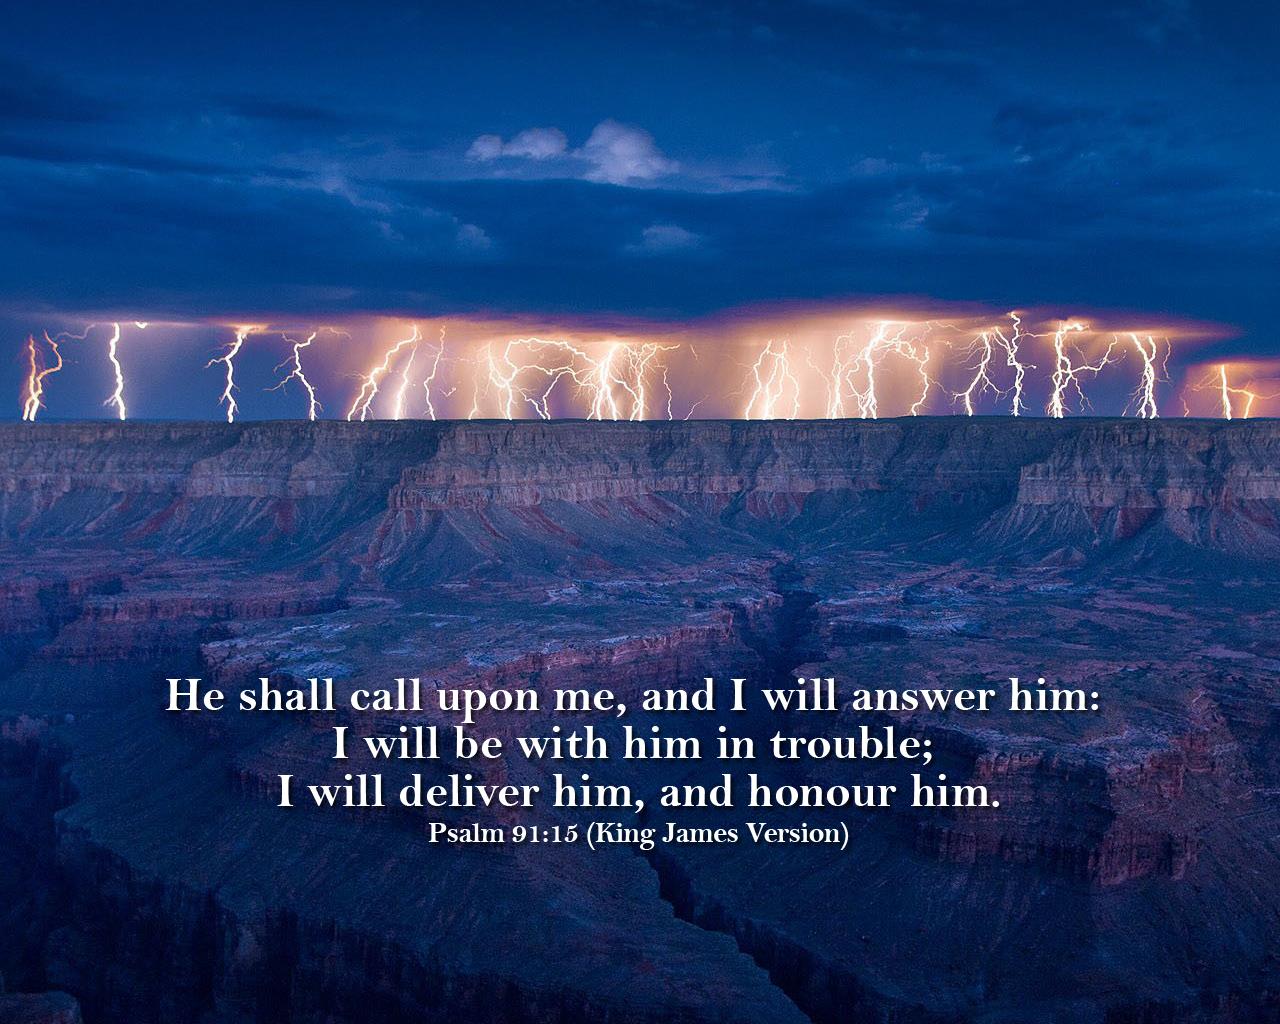 kjv psalm 9115 wallpaperjpg 1280x1024